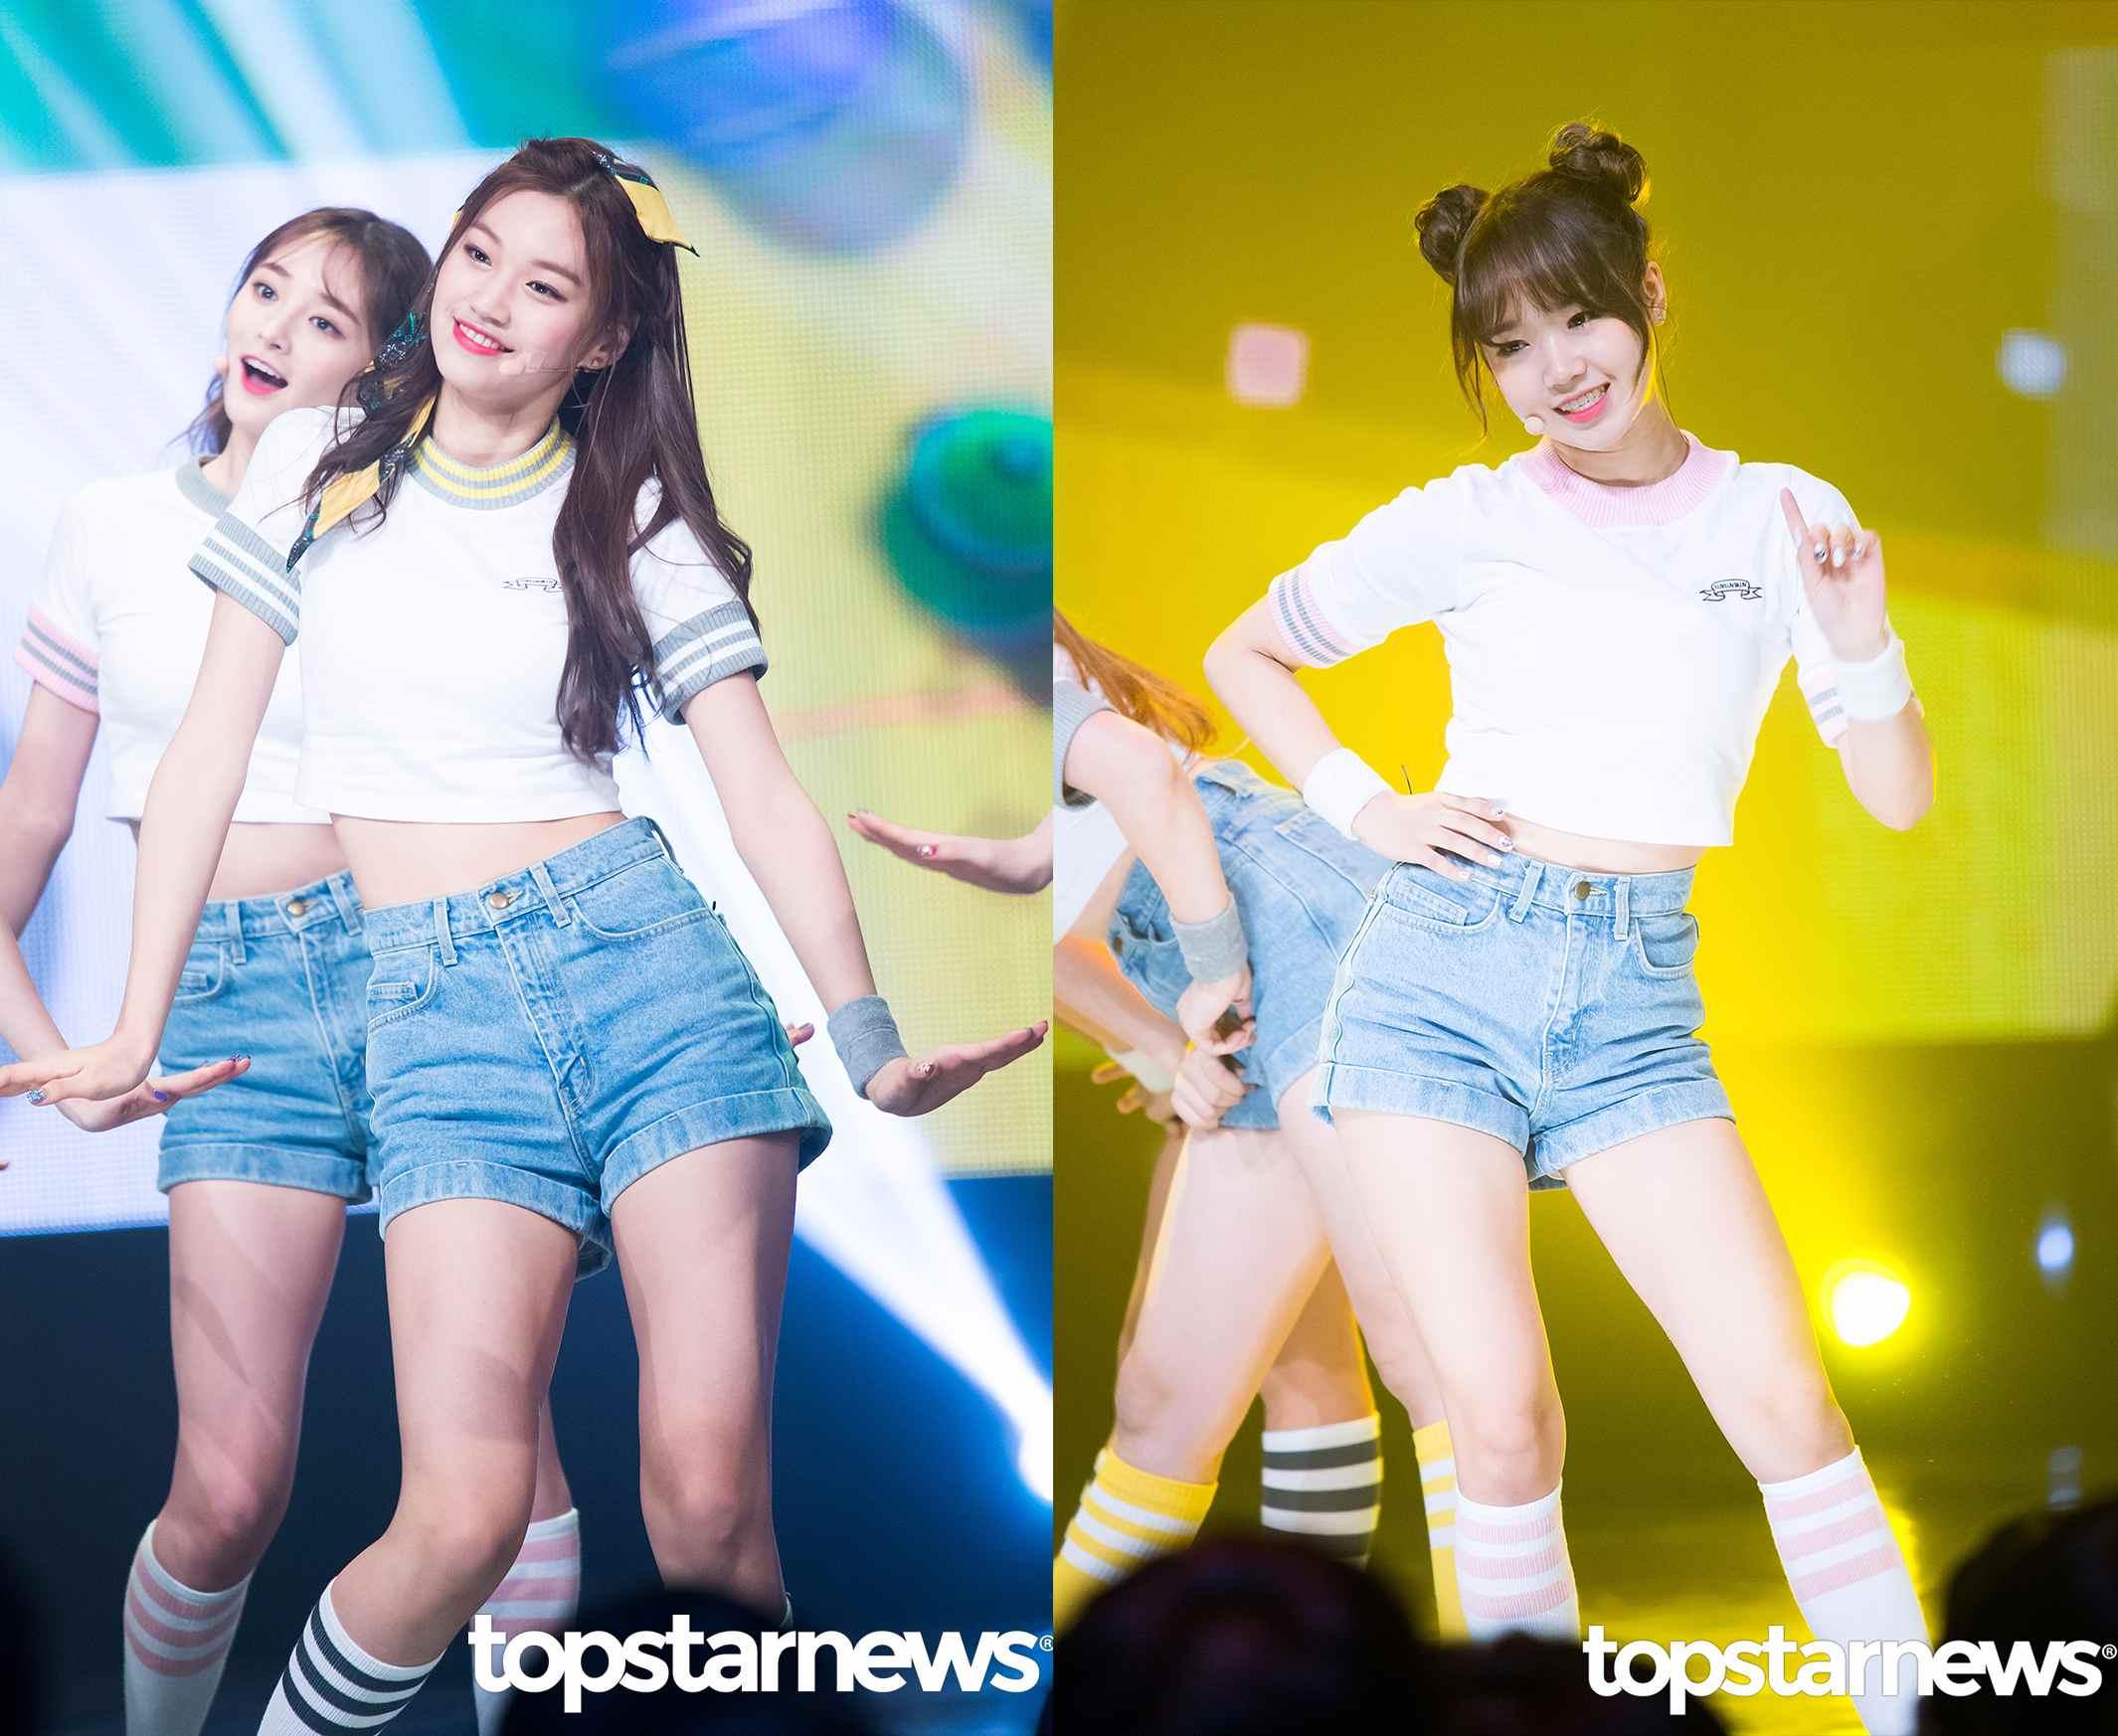 #有情、度延 首先是同屬一間公司的「長短CP 」有情和度延, 目前經紀公司Fantagio正在進行預備2017年出道的女團選秀活動, 所以這也讓很多韓國網友猜測有情和度延可能會成為2017年出道的女團成員。